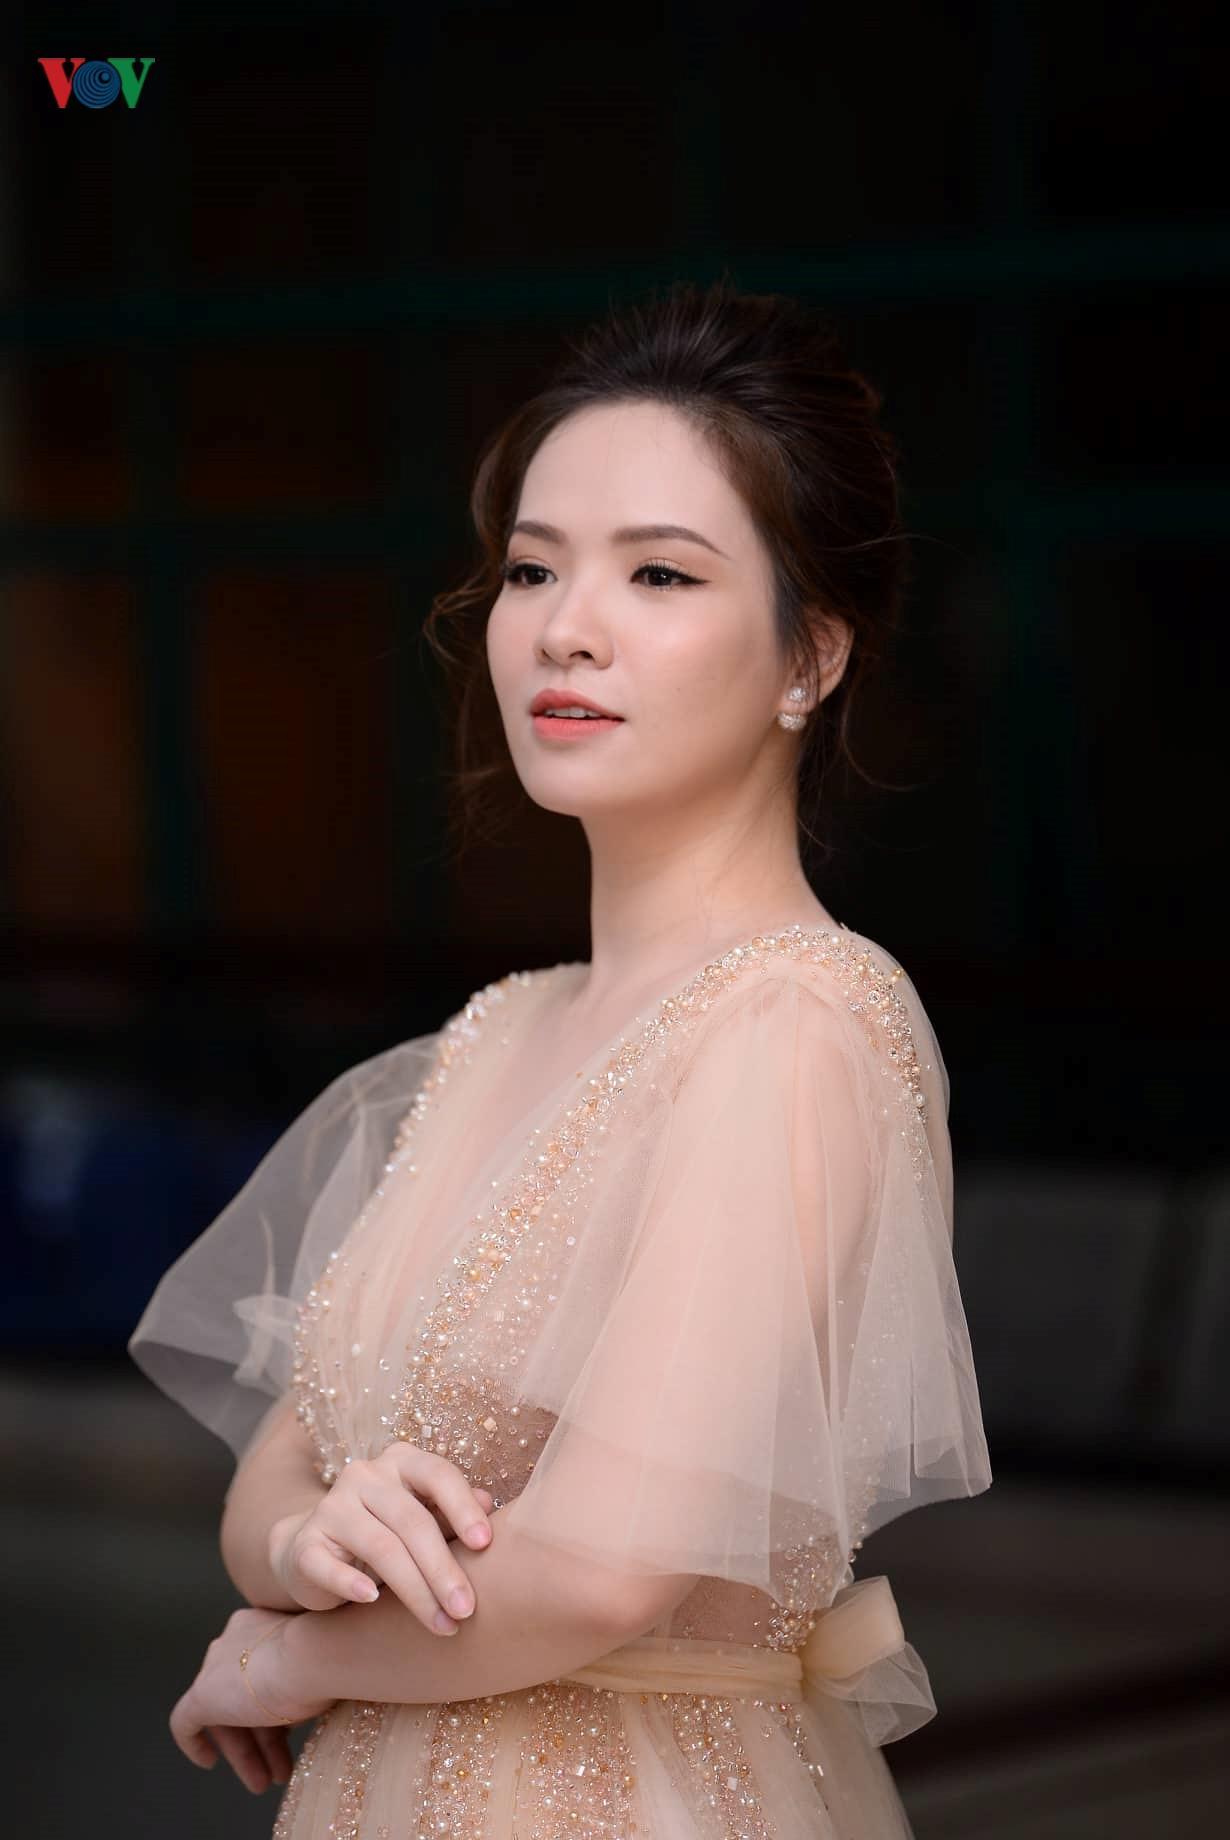 Đan Lê hóa công chúa, tình tứ bên ông xã trên thảm đỏ Cánh Diều 2018 Ảnh 4